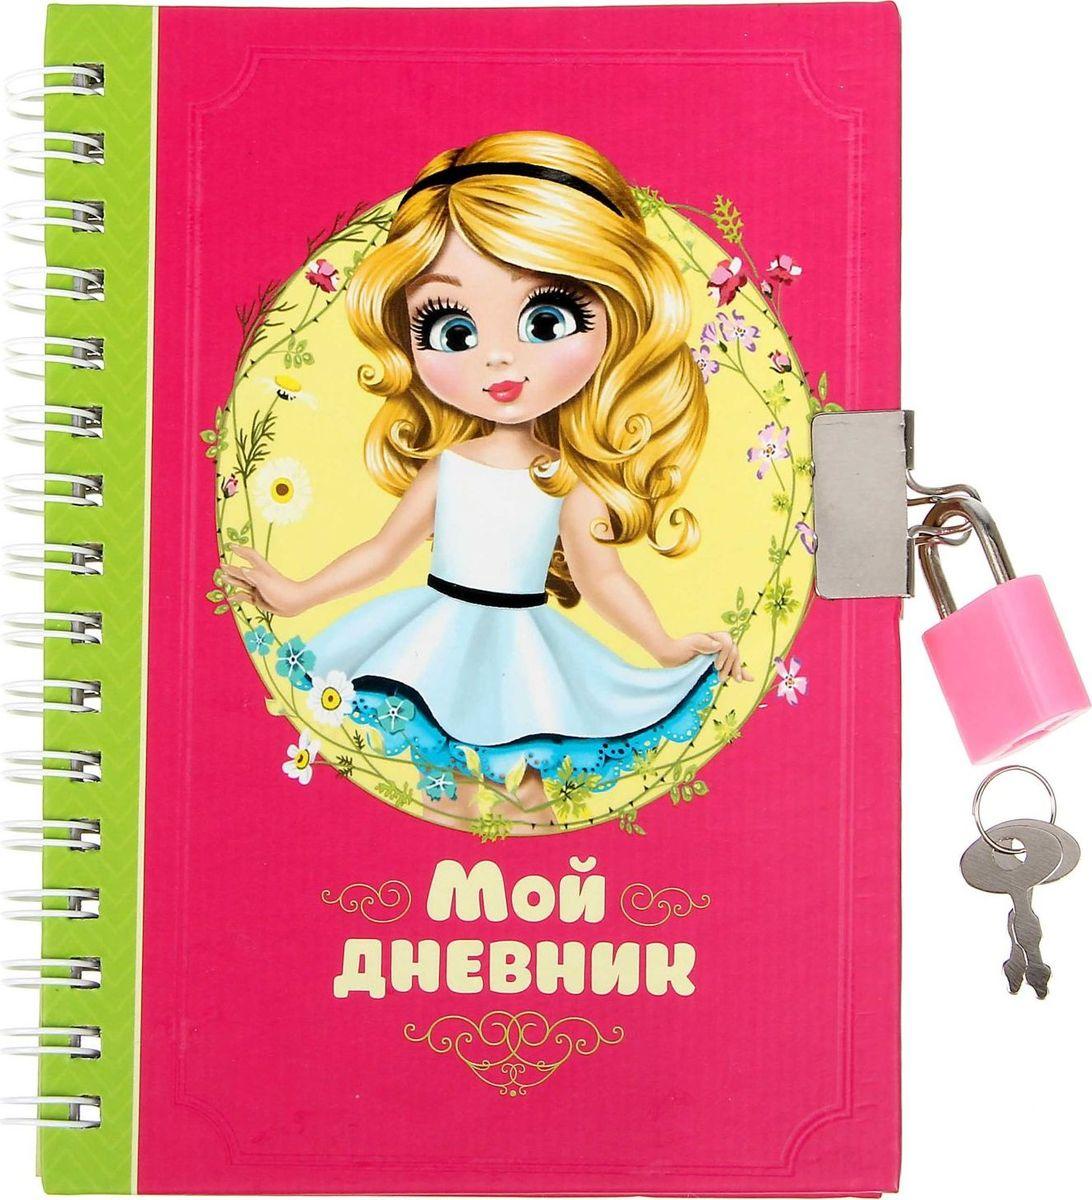 Записная книжка Мой дневник 50 листов записная книжка дневник гламурной принцессы 86 листов